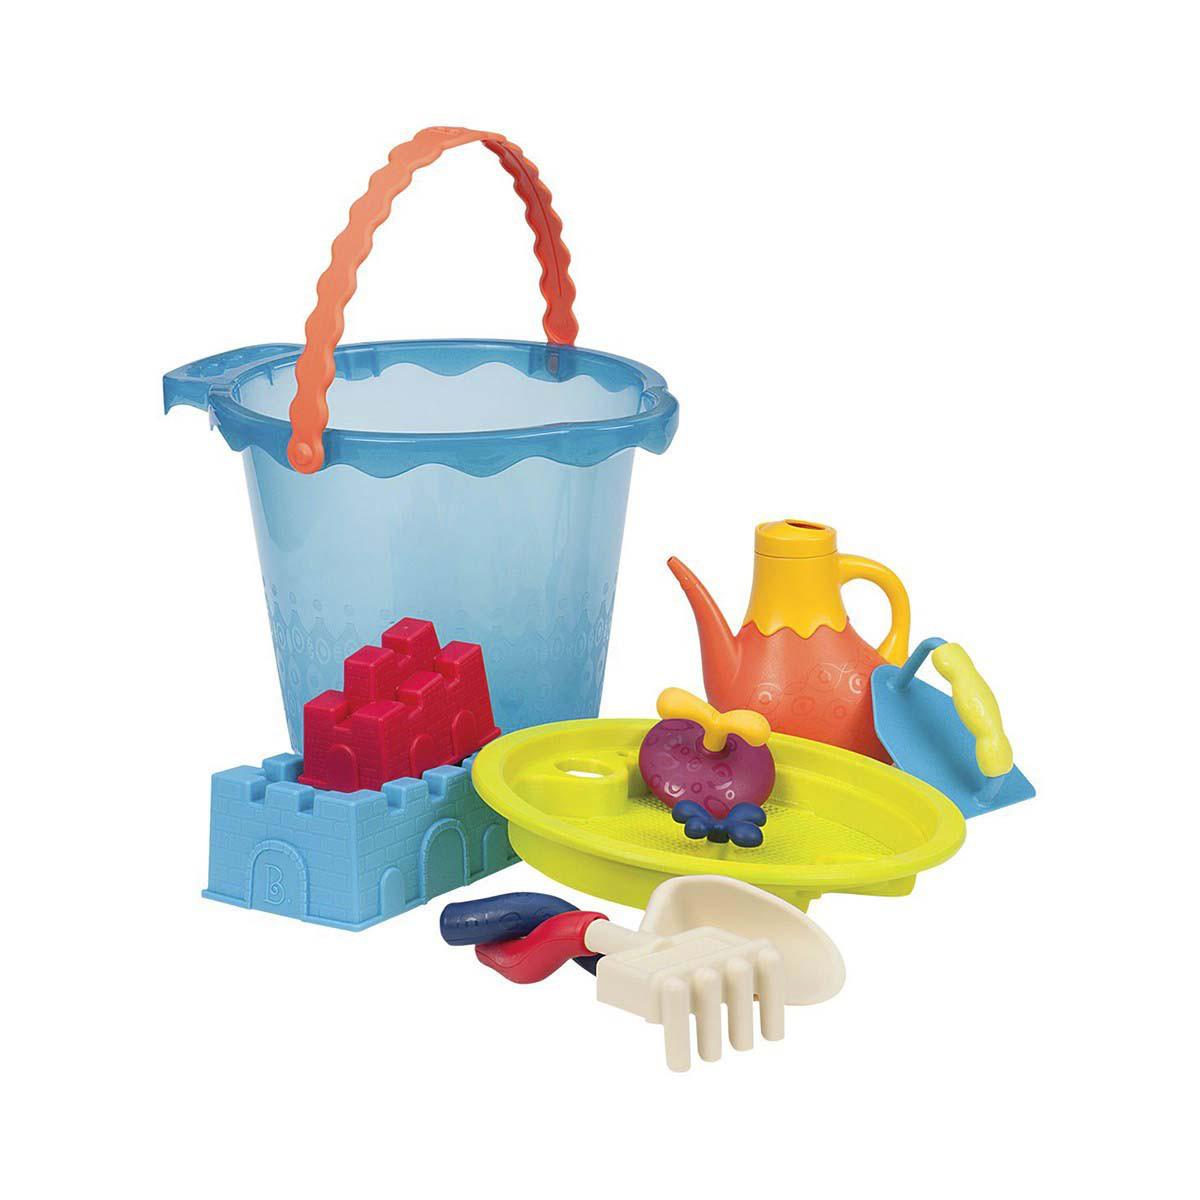 Набор для игры с песком и водой - МЕГА-ВЕДЕРЦЕ МОРЕ